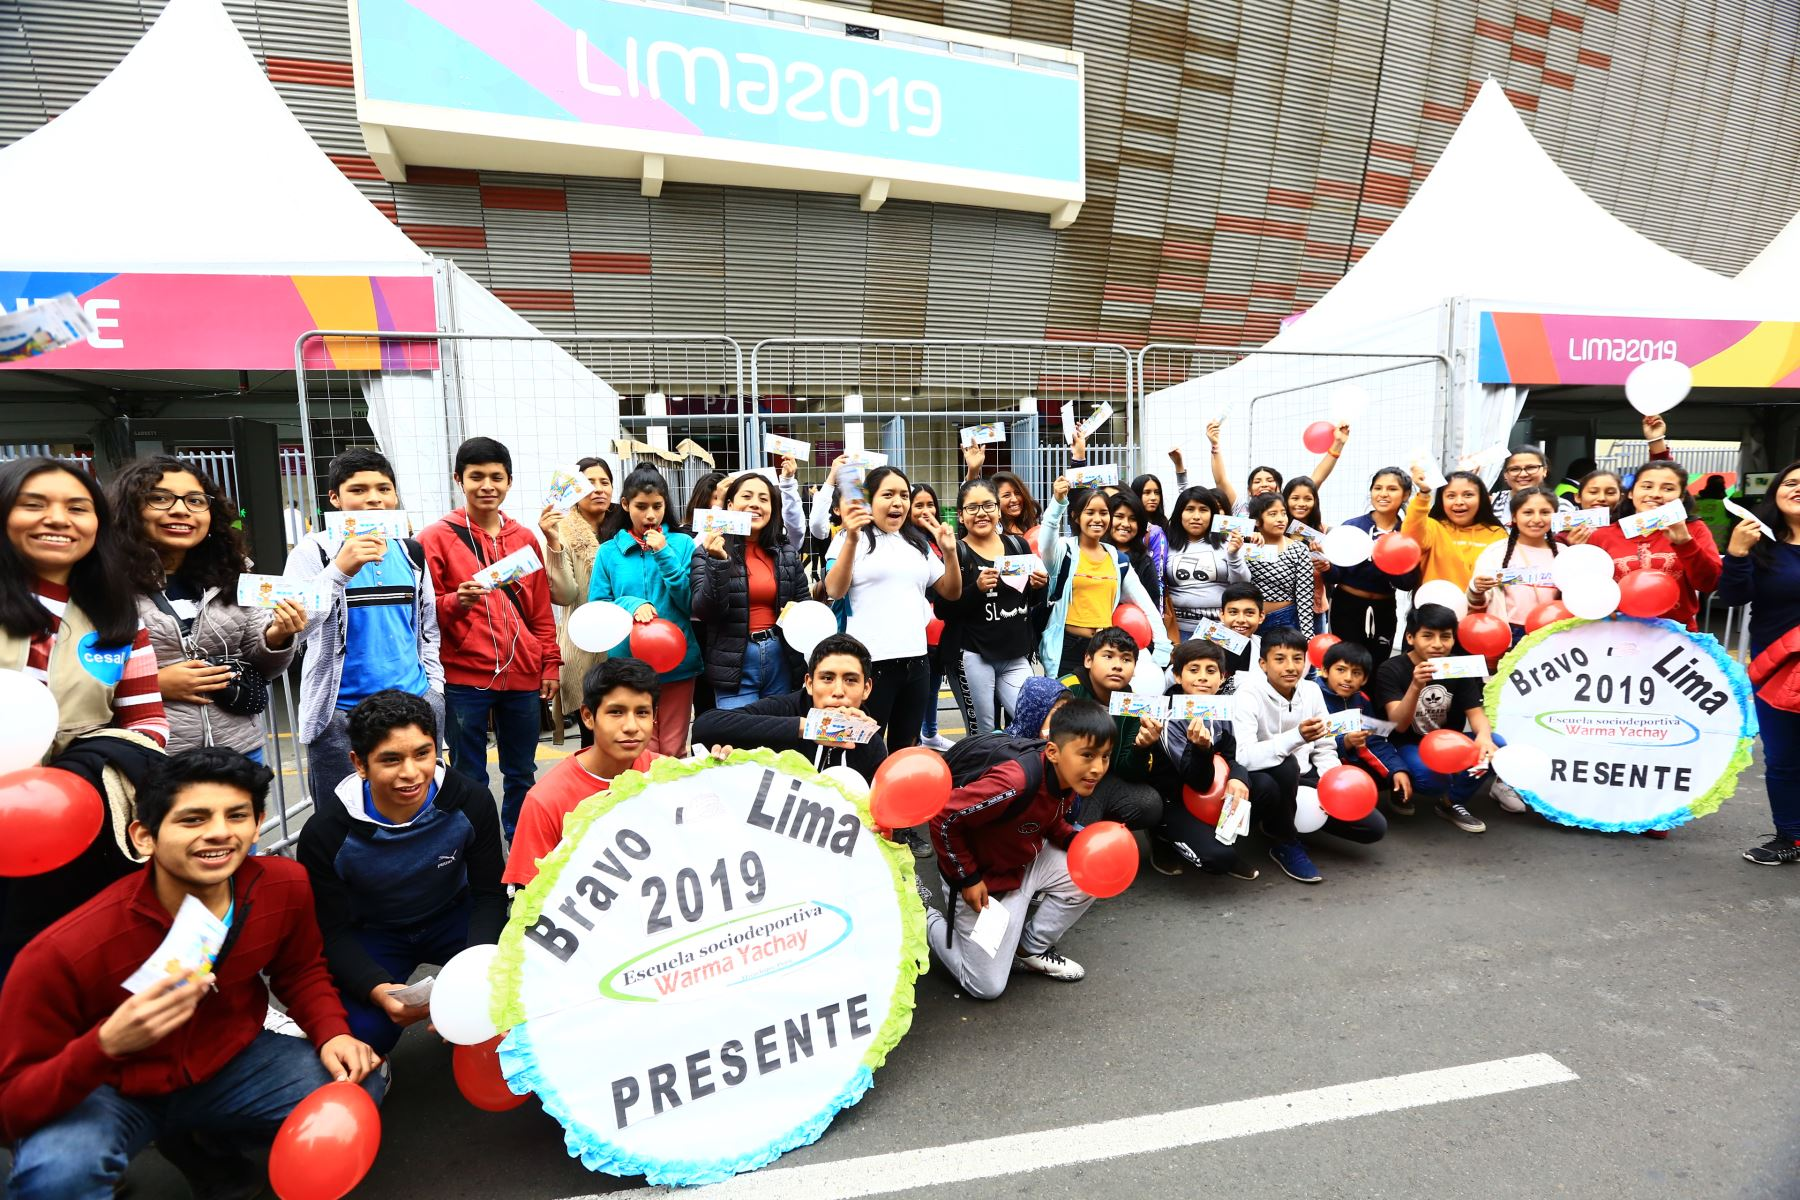 Niños de Huachipa asisten a la Clausura de los Juegos Panamericanos gracias a las entradas Solidarias de Lima 2019